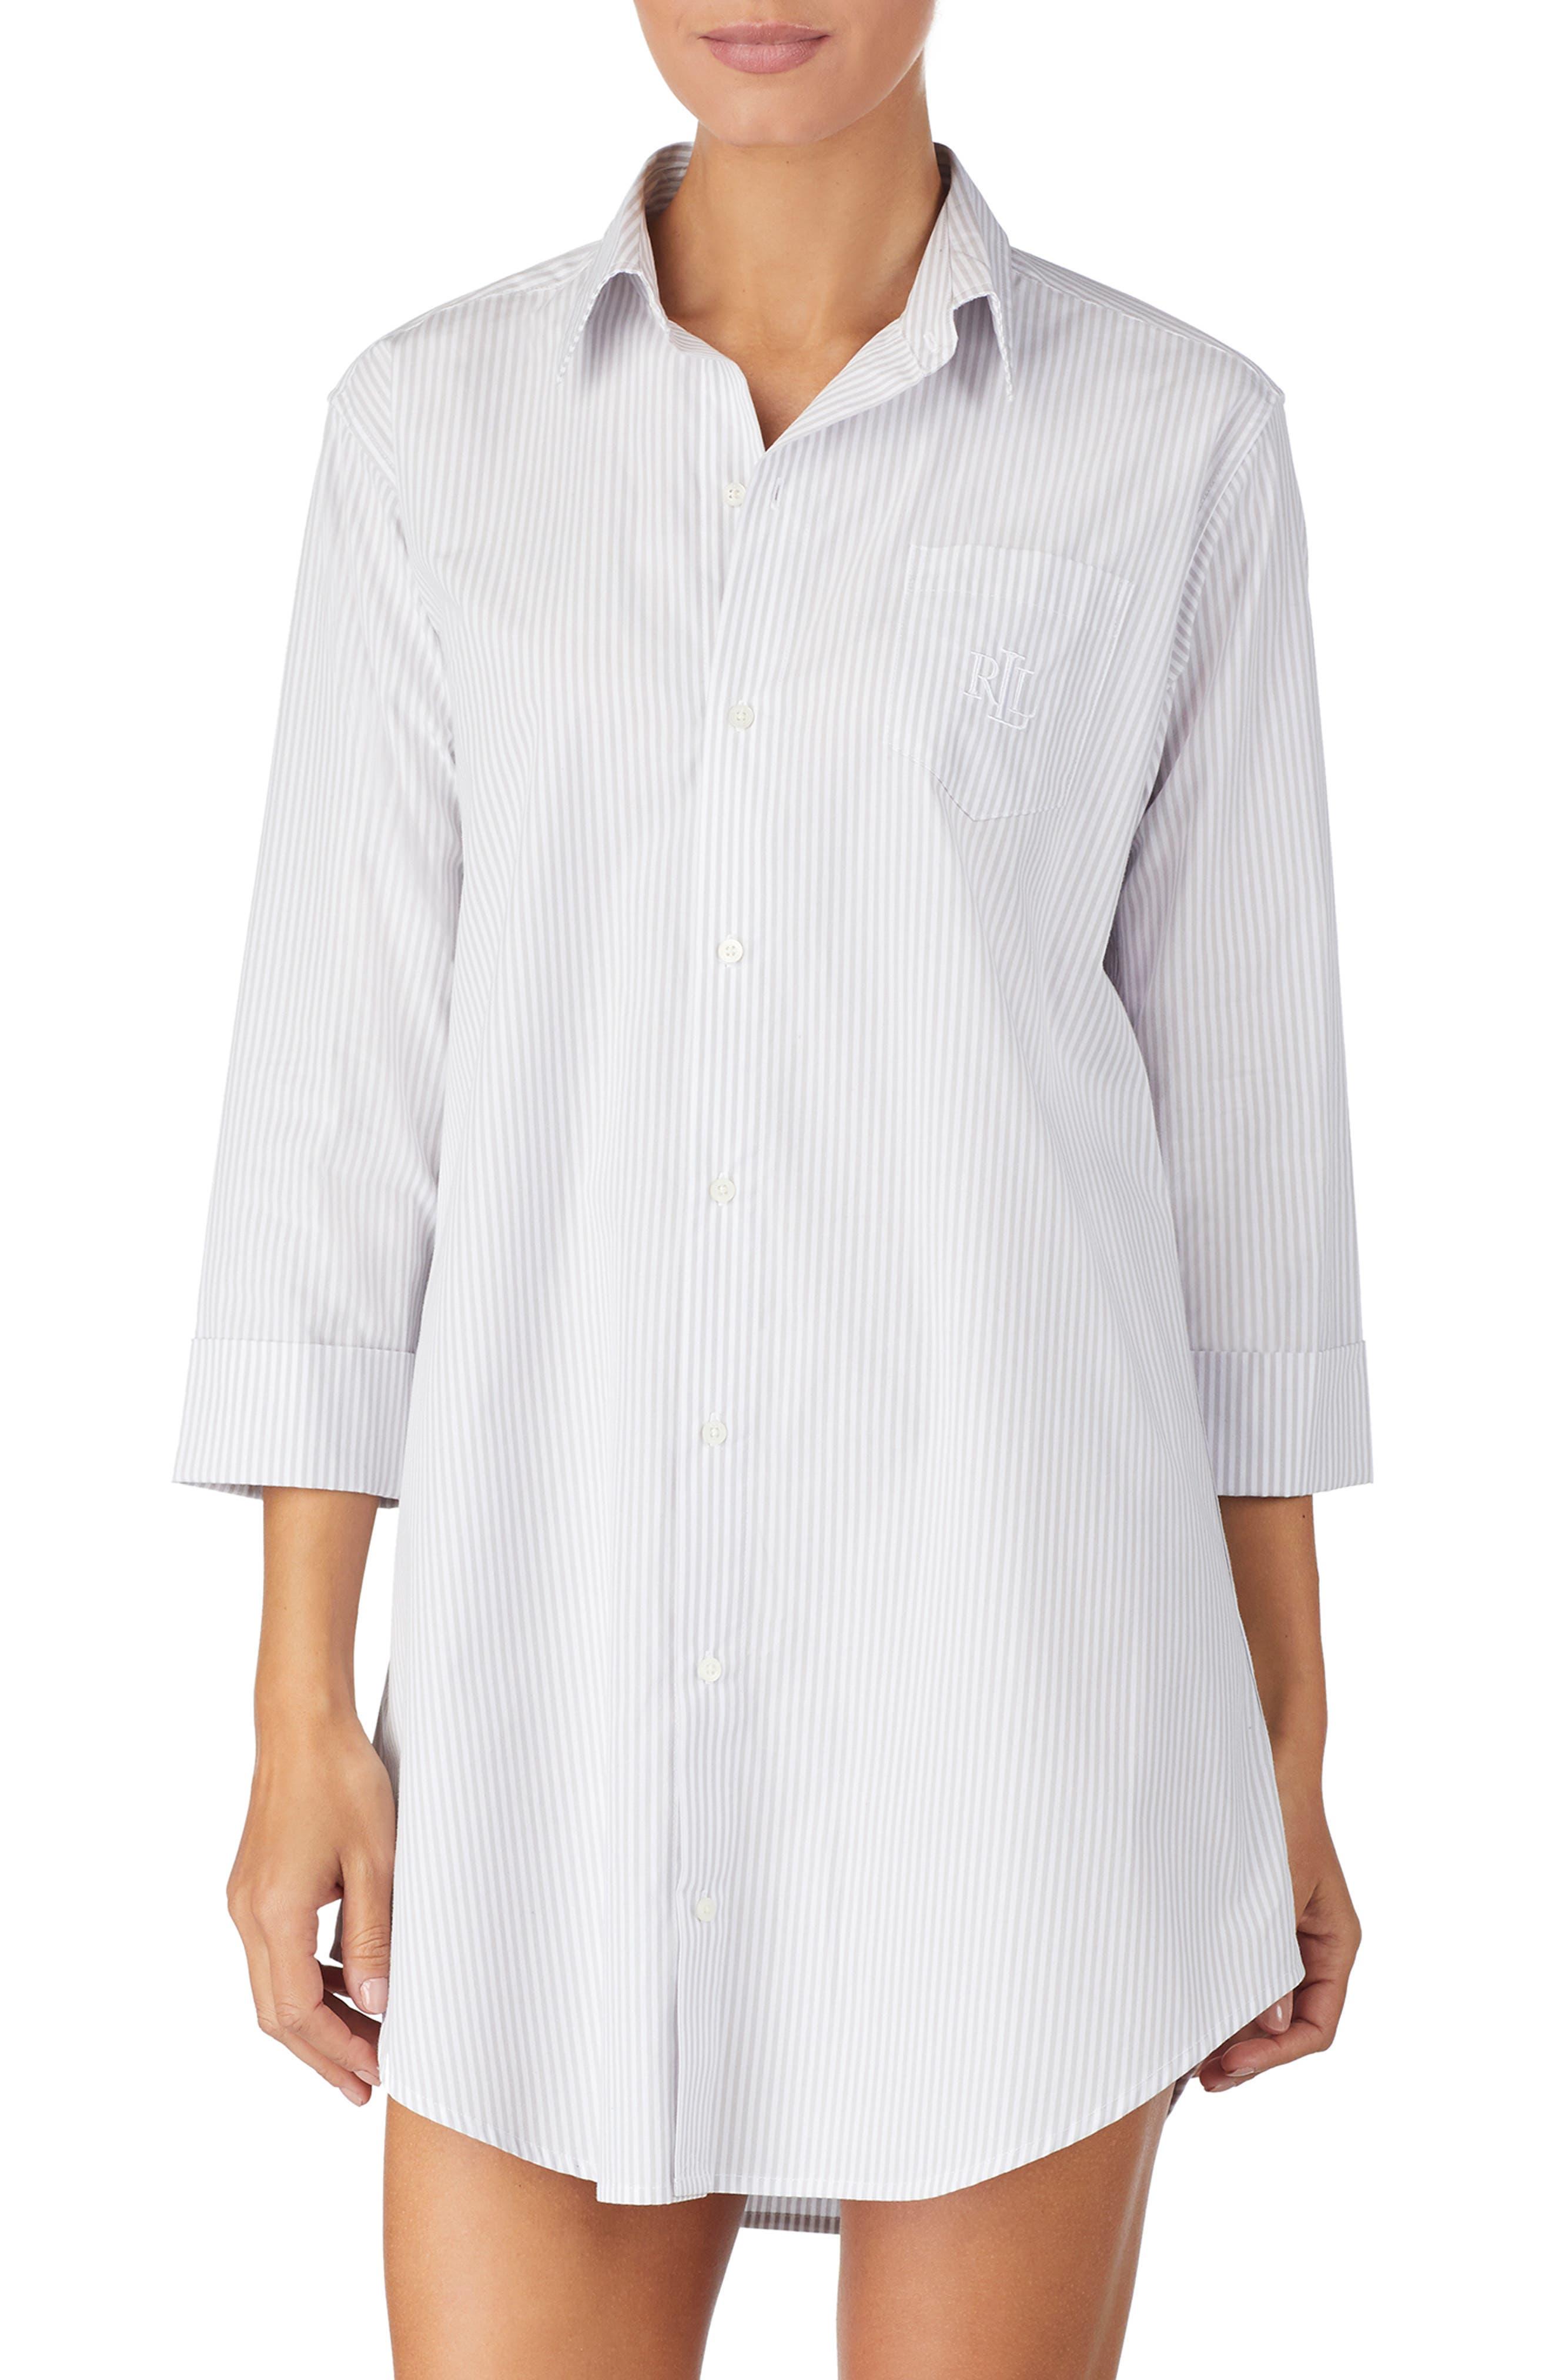 LAUREN RALPH LAUREN Cotton Poplin Sleep Shirt, Main, color, GREY